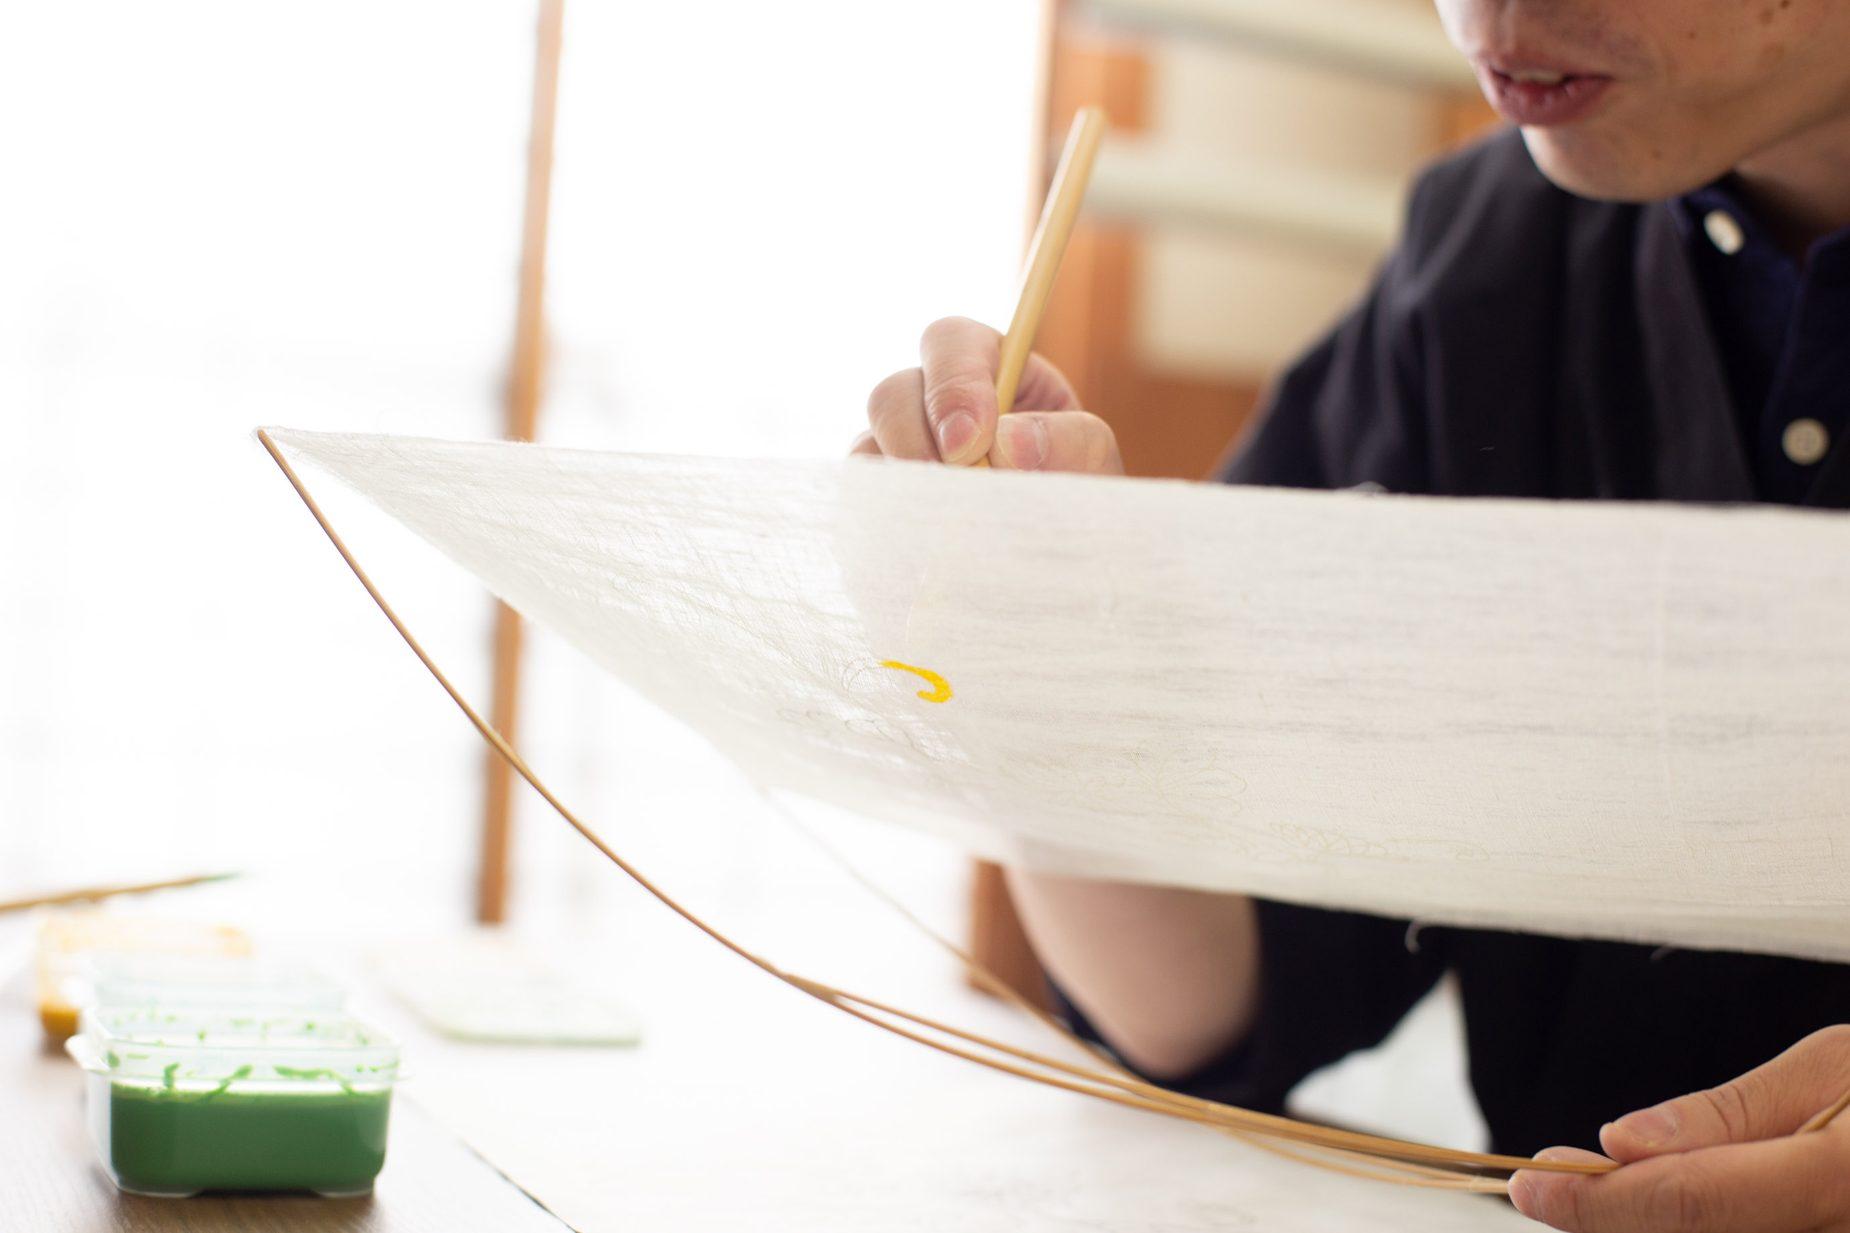 先端に針がついた竹の棒を生地の四つ角に挿し、ピンと張ります。さらに、片手で竹のクロスする部分を固定します。